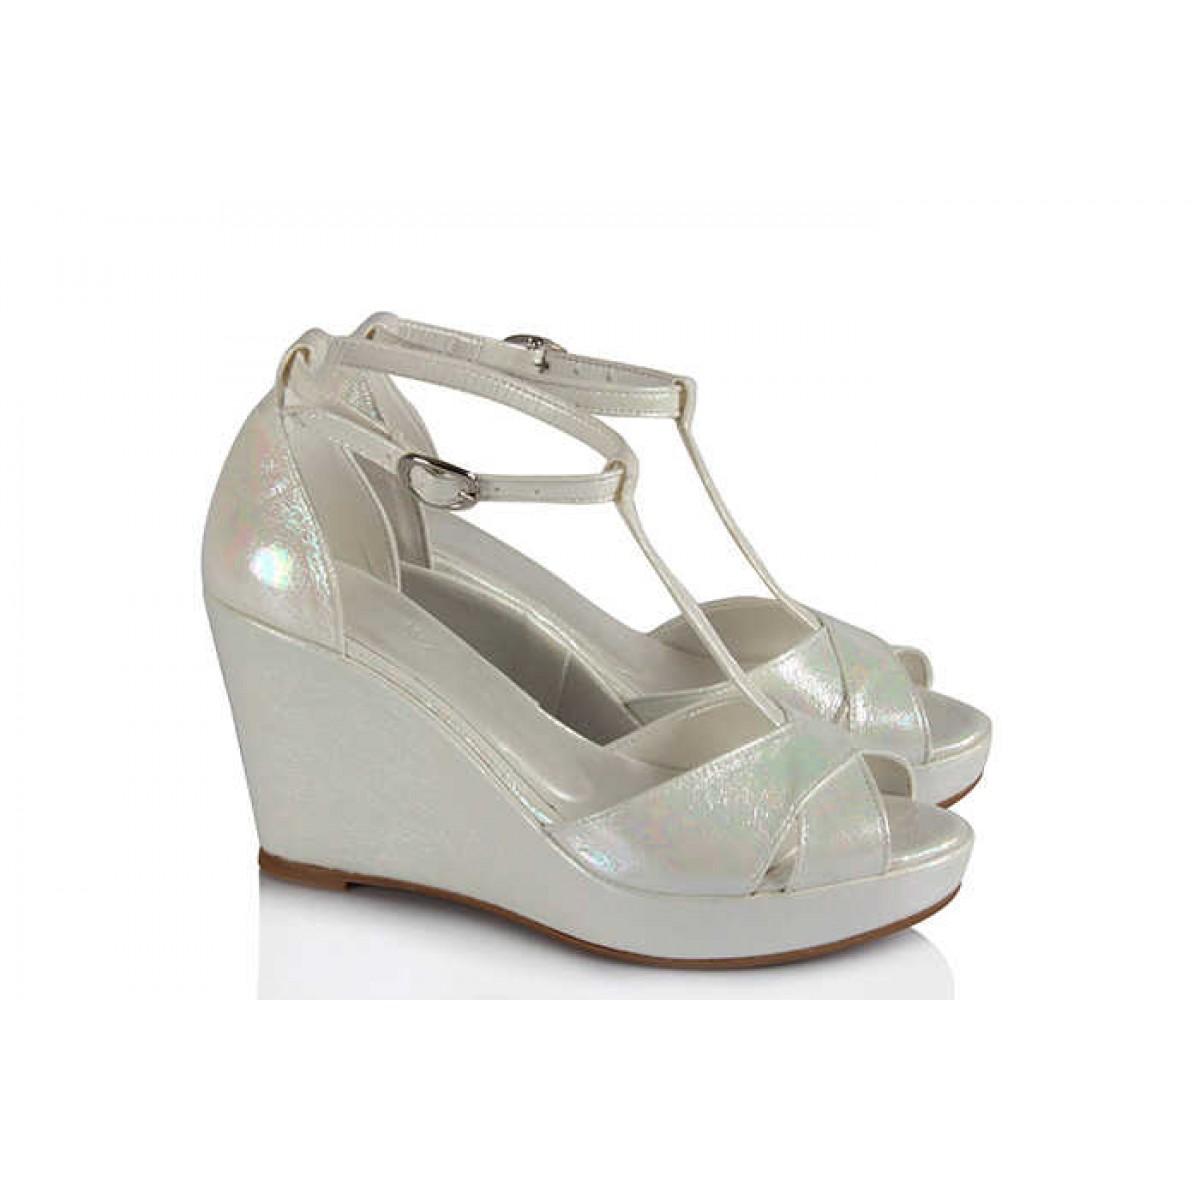 Gelin Ayakkabısı Dolgu Topuk Yaldızlı Kemerli Az Topuklu